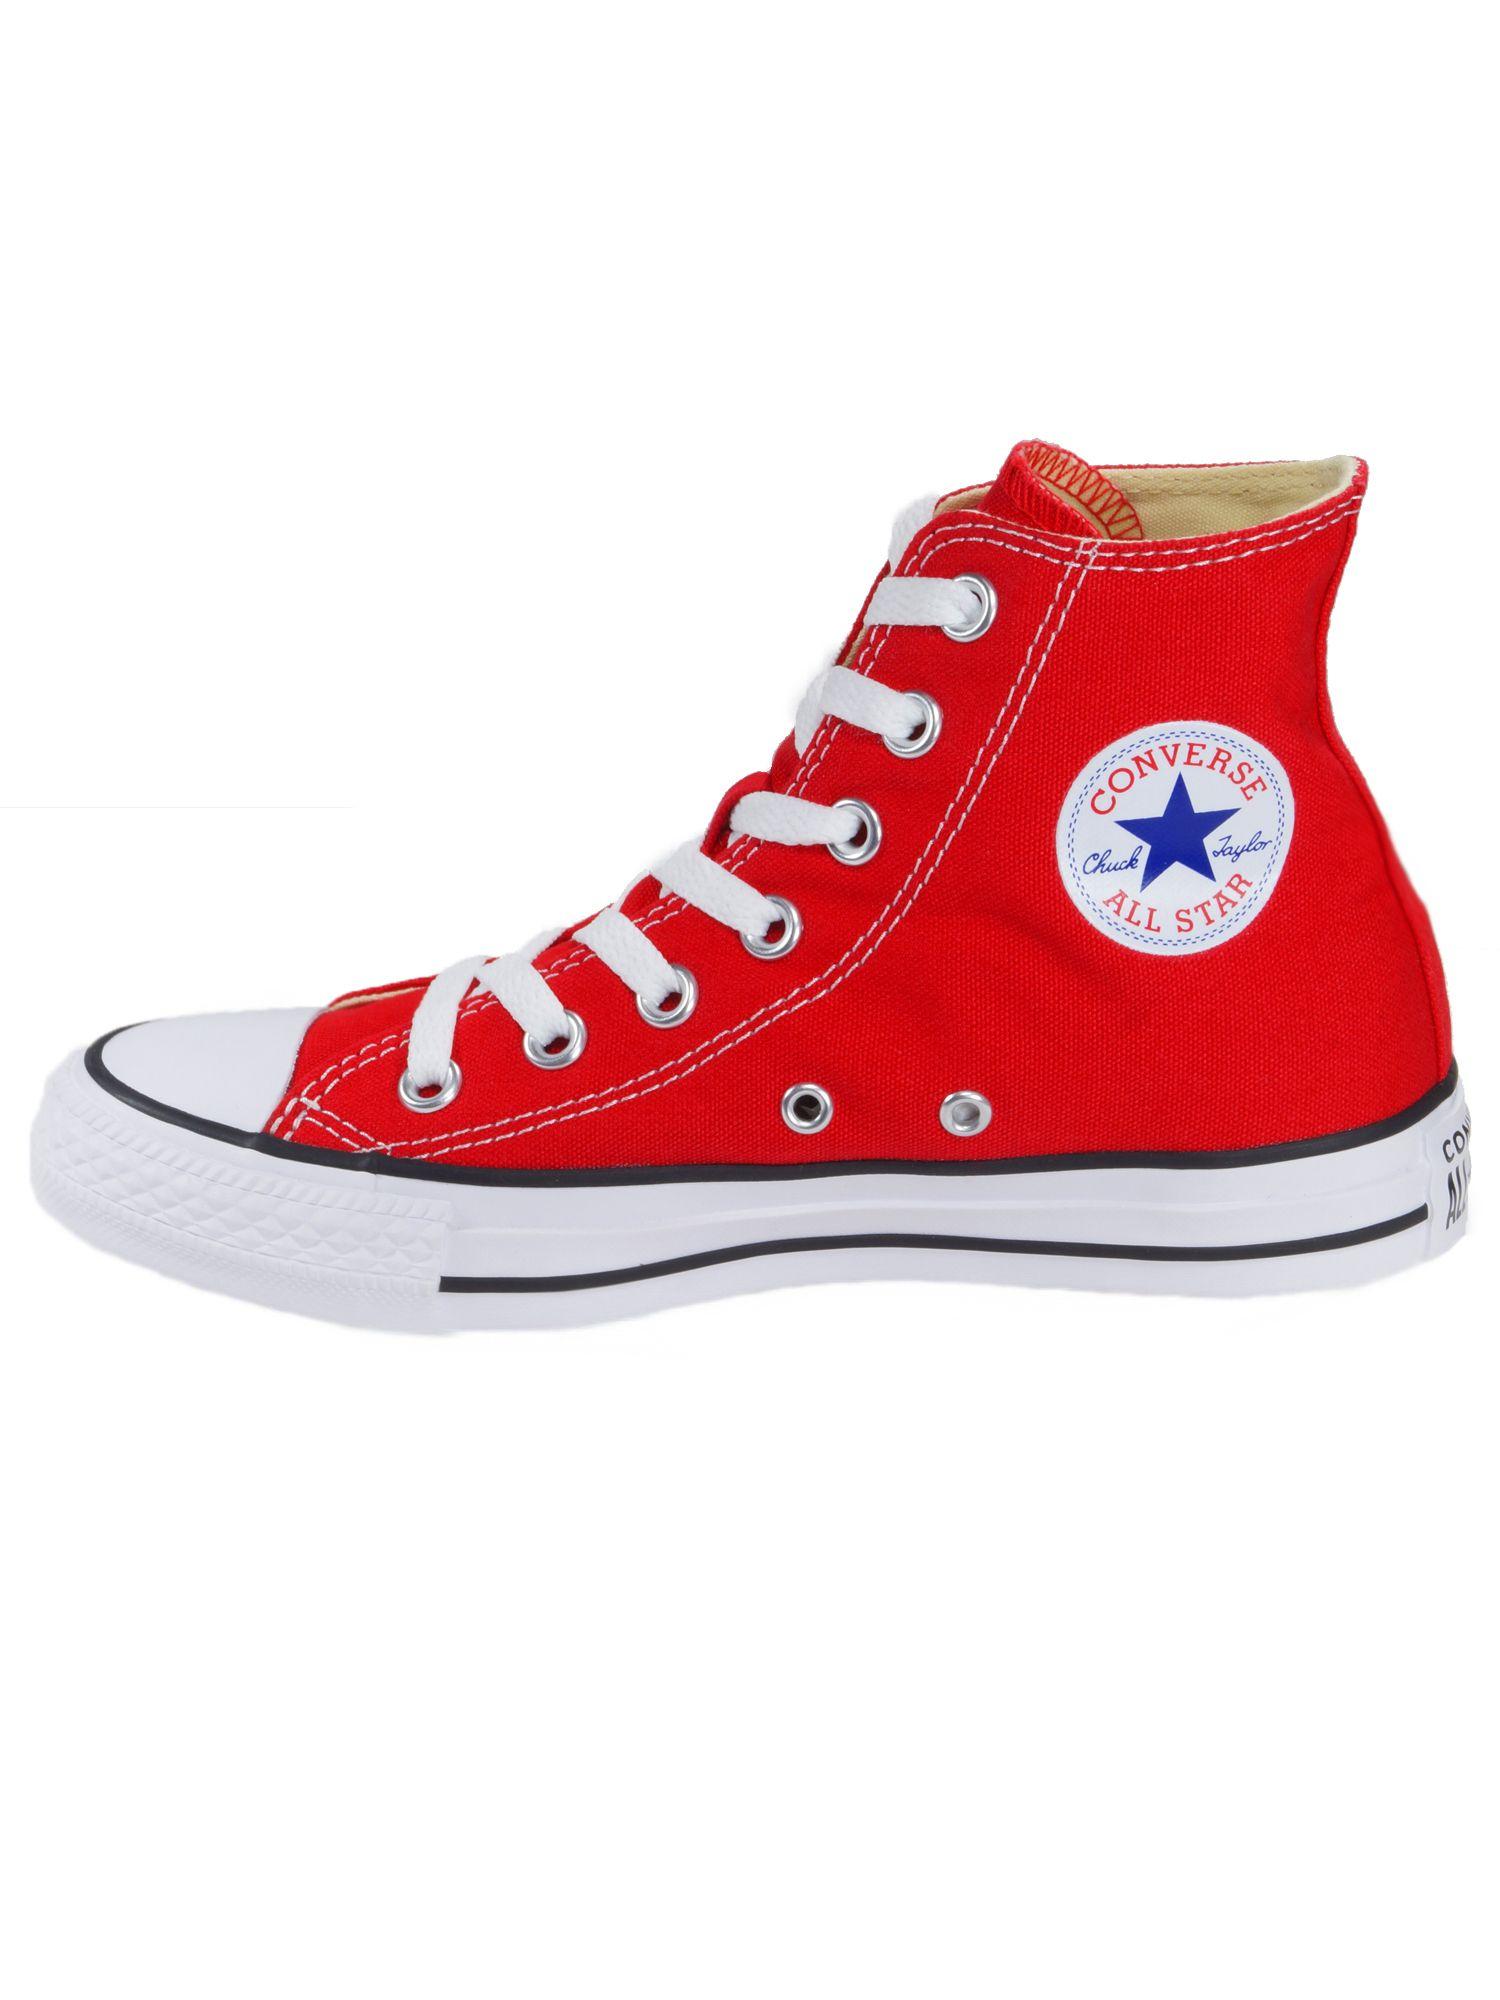 Converse Damen Schuhe CT All Star Hi Rot Leinen Sneakers Gr. 36 |  starlabels outdoor lifestyle leder